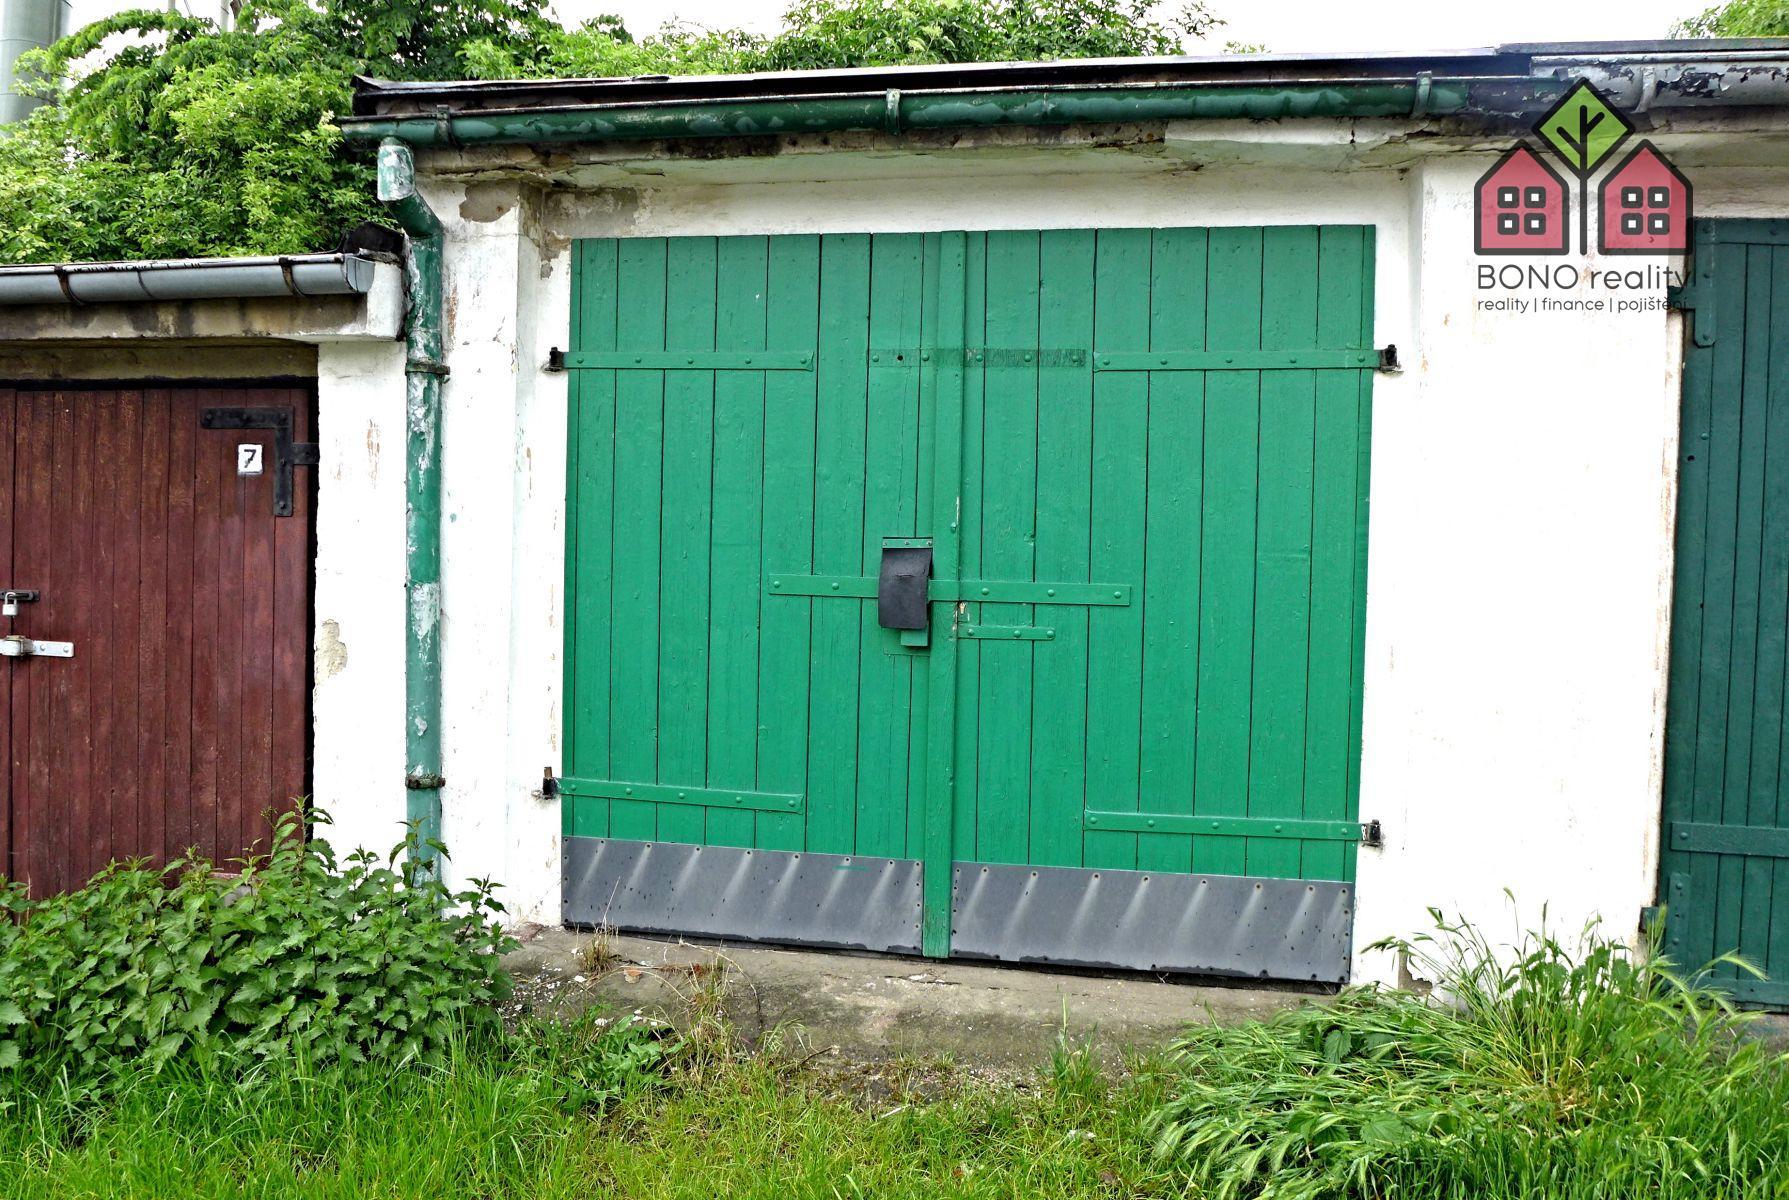 Pronájem garáže, OV, 19 m2, garážový komplex, Teplice, ulice Libušina